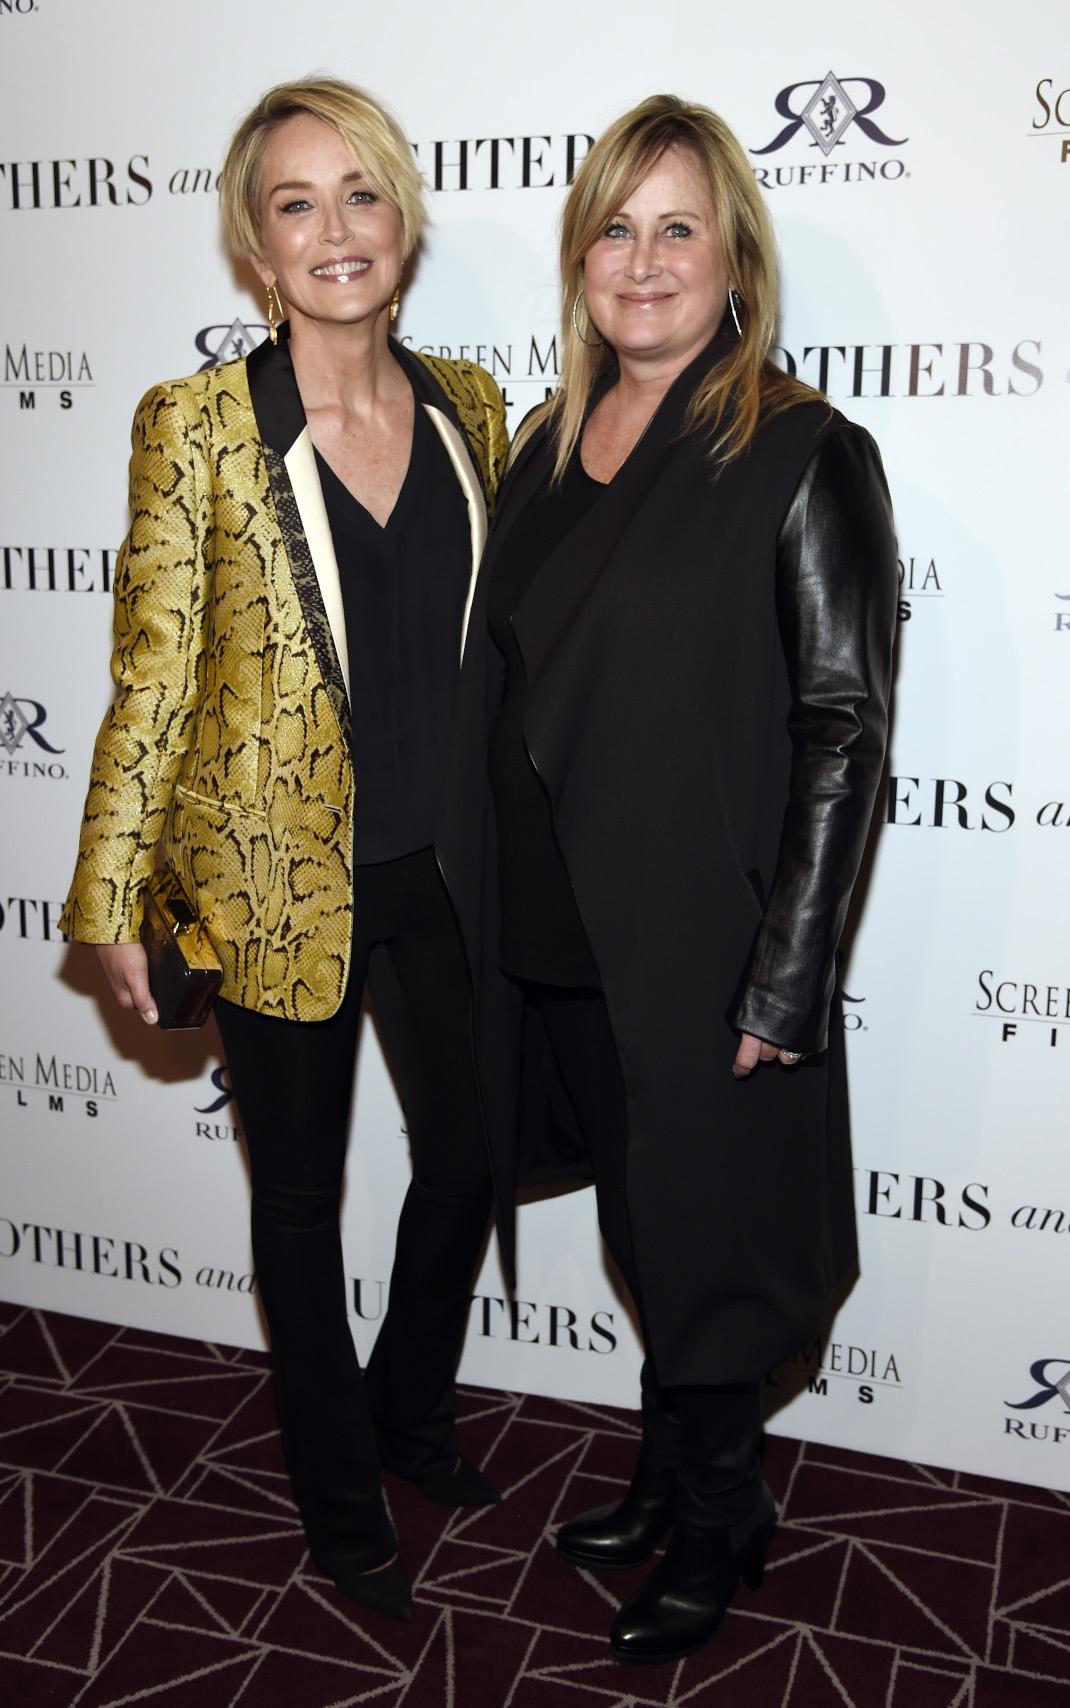 Η Σάρον Στόουν με την νεότερη αδελφή της Κέλι